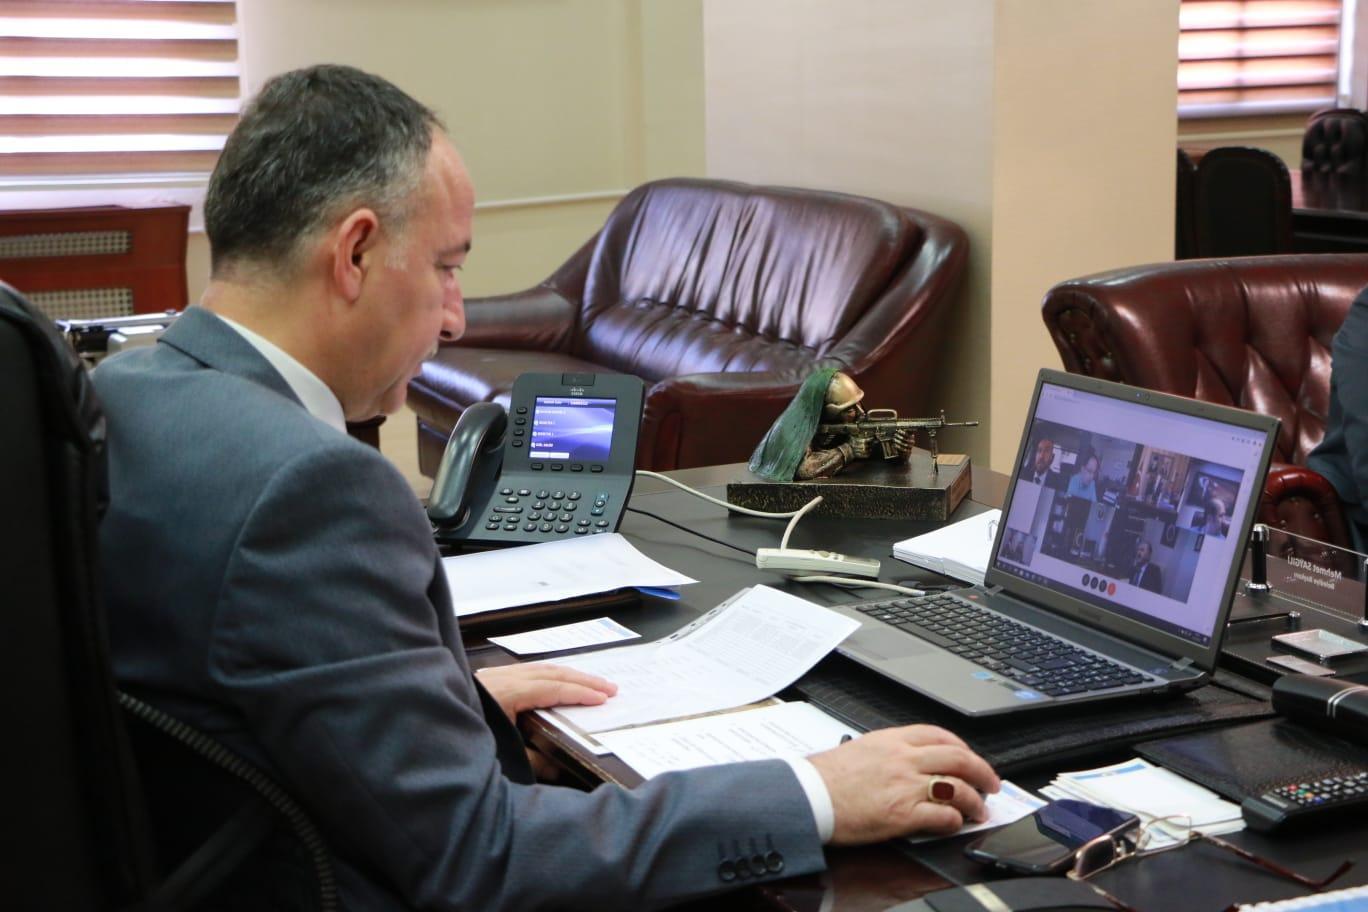 Başkan Saygılı Bakan Kurum ile Görüştü 6 - Başkan Saygılı, Bakan Kurum ile Görüştü